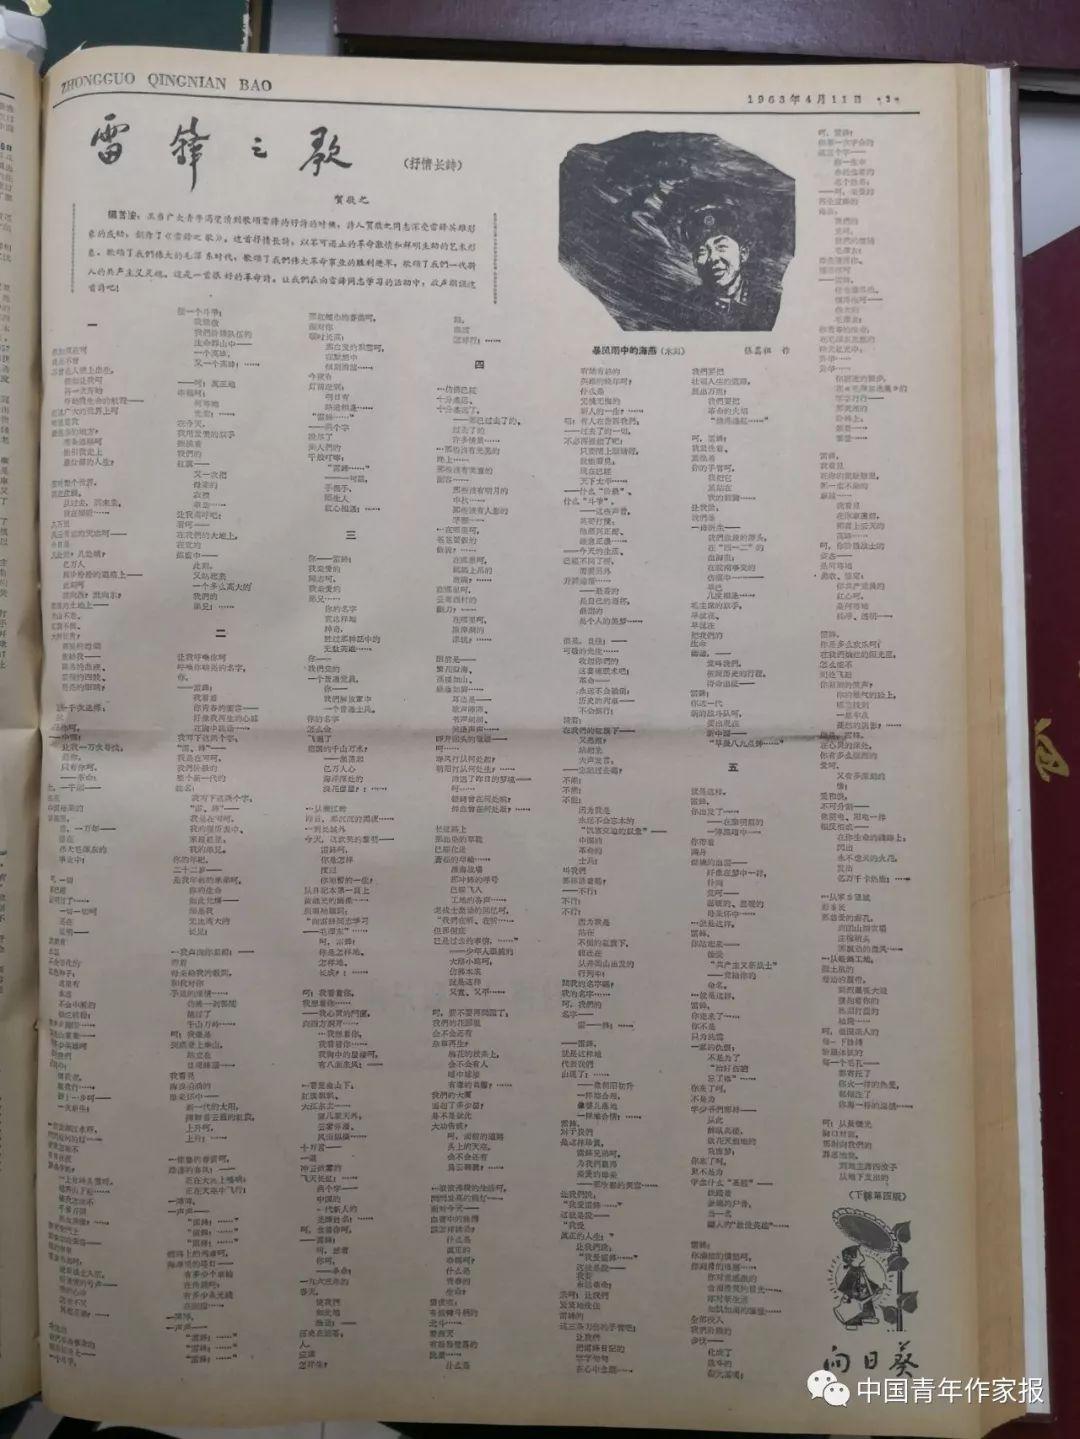 推荐  《雷锋之歌》与《中国青年报》